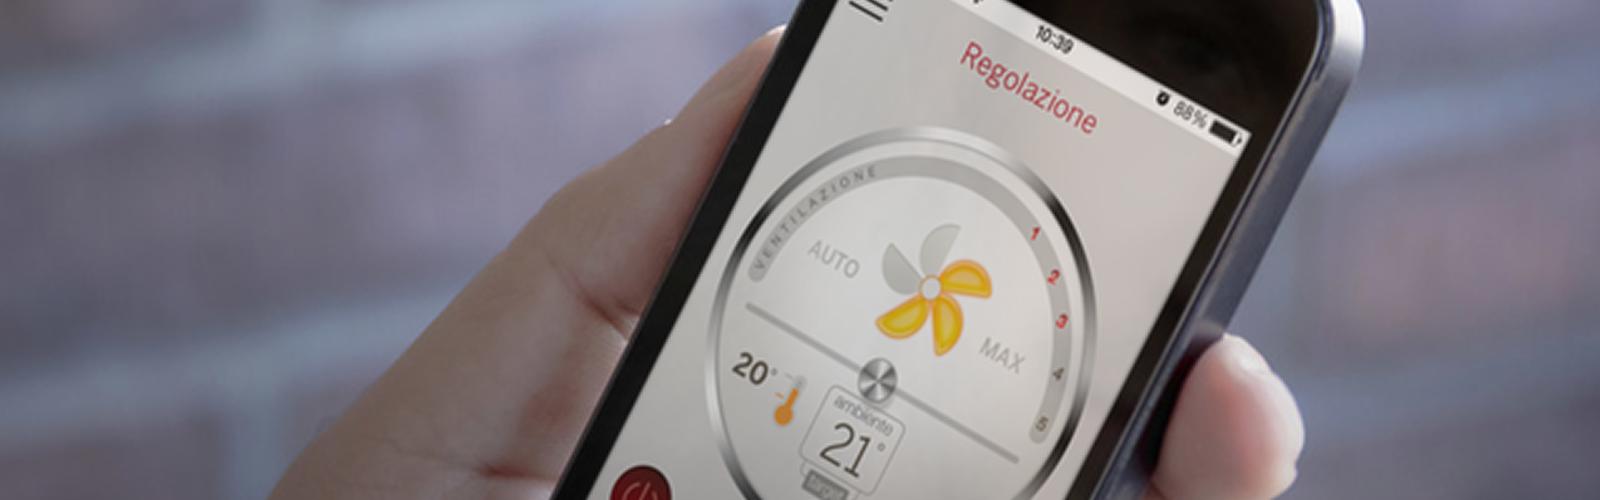 Stufe connesse con un'app: la sfida di Palazzetti è tutta Made in Italy